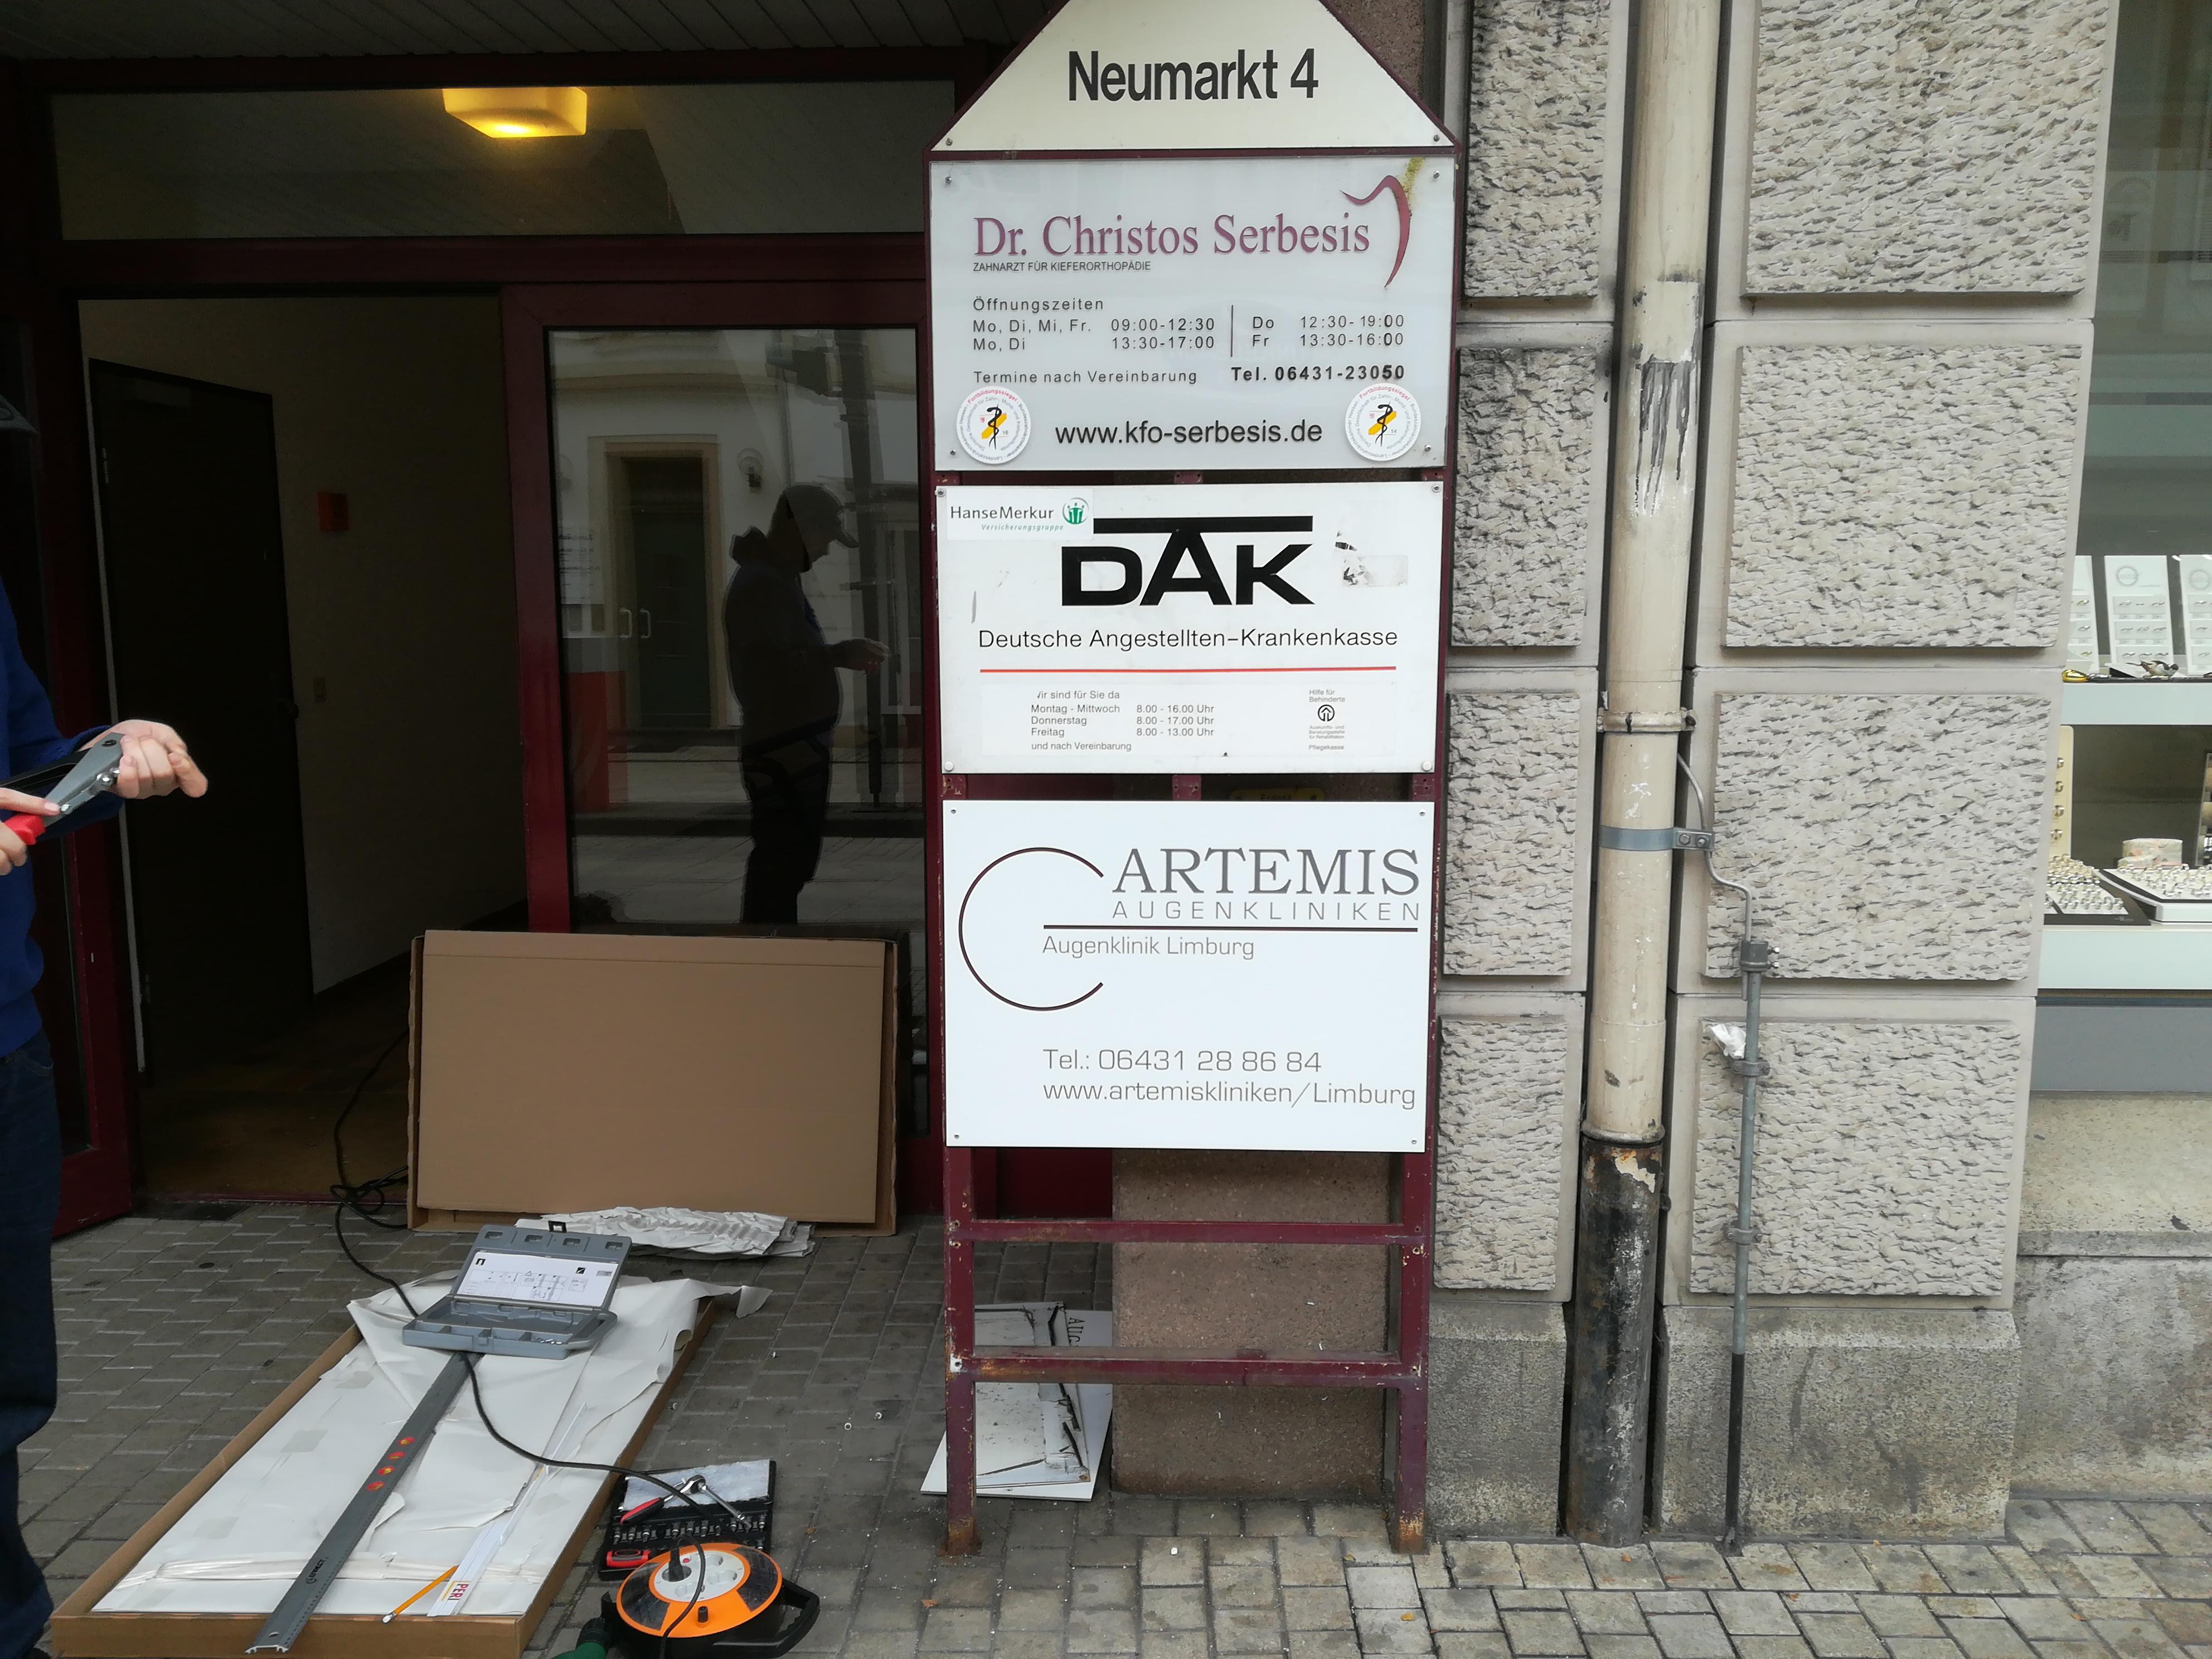 ARTEMIS Augenkliniken Limburg Neumarkt Straße 2 Nachher